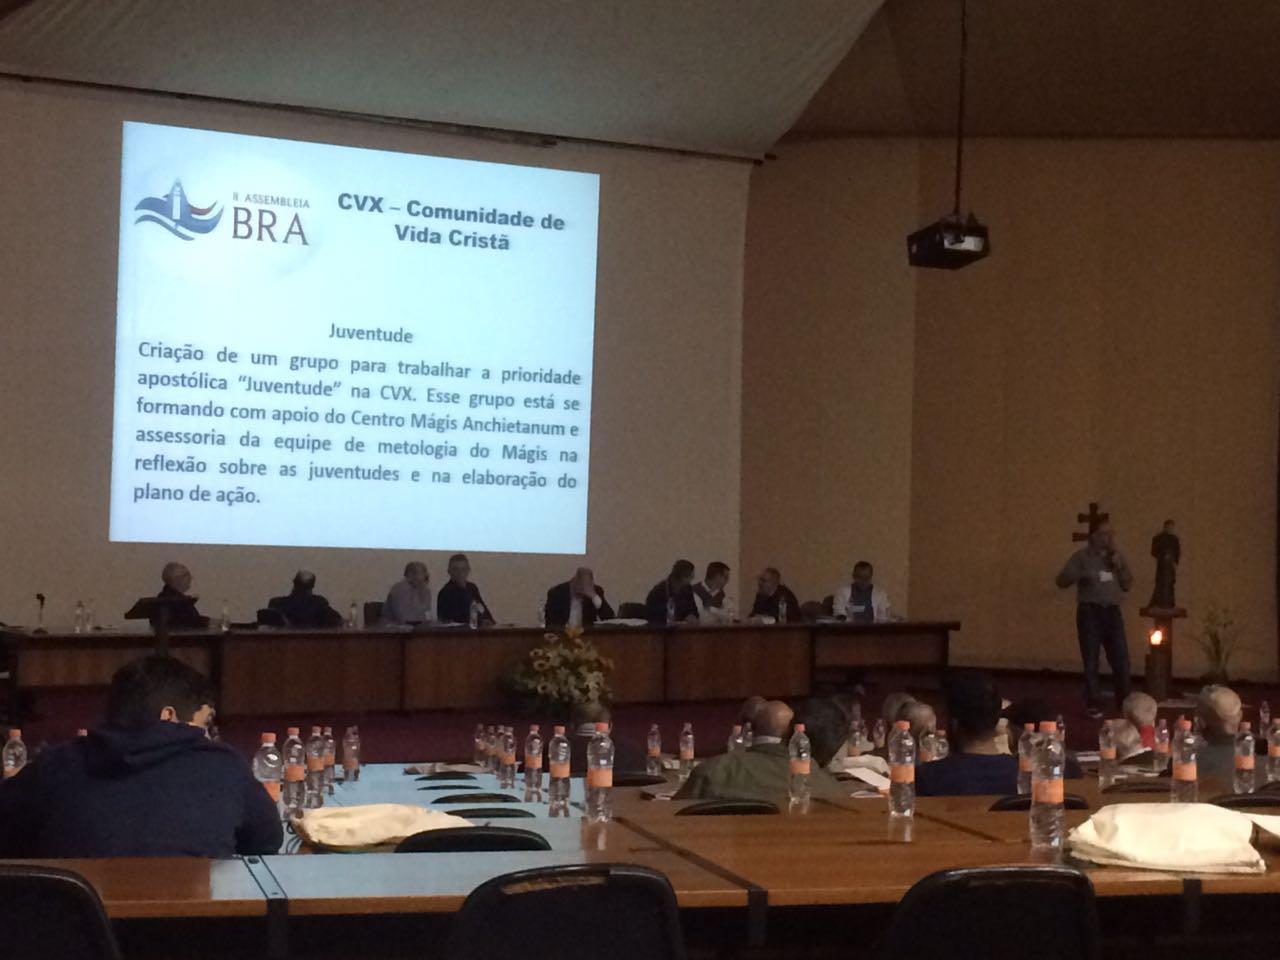 Assistente Nacional apresenta a CVX na 2ª Assembleia da Província dos Jesuítas do Brasil